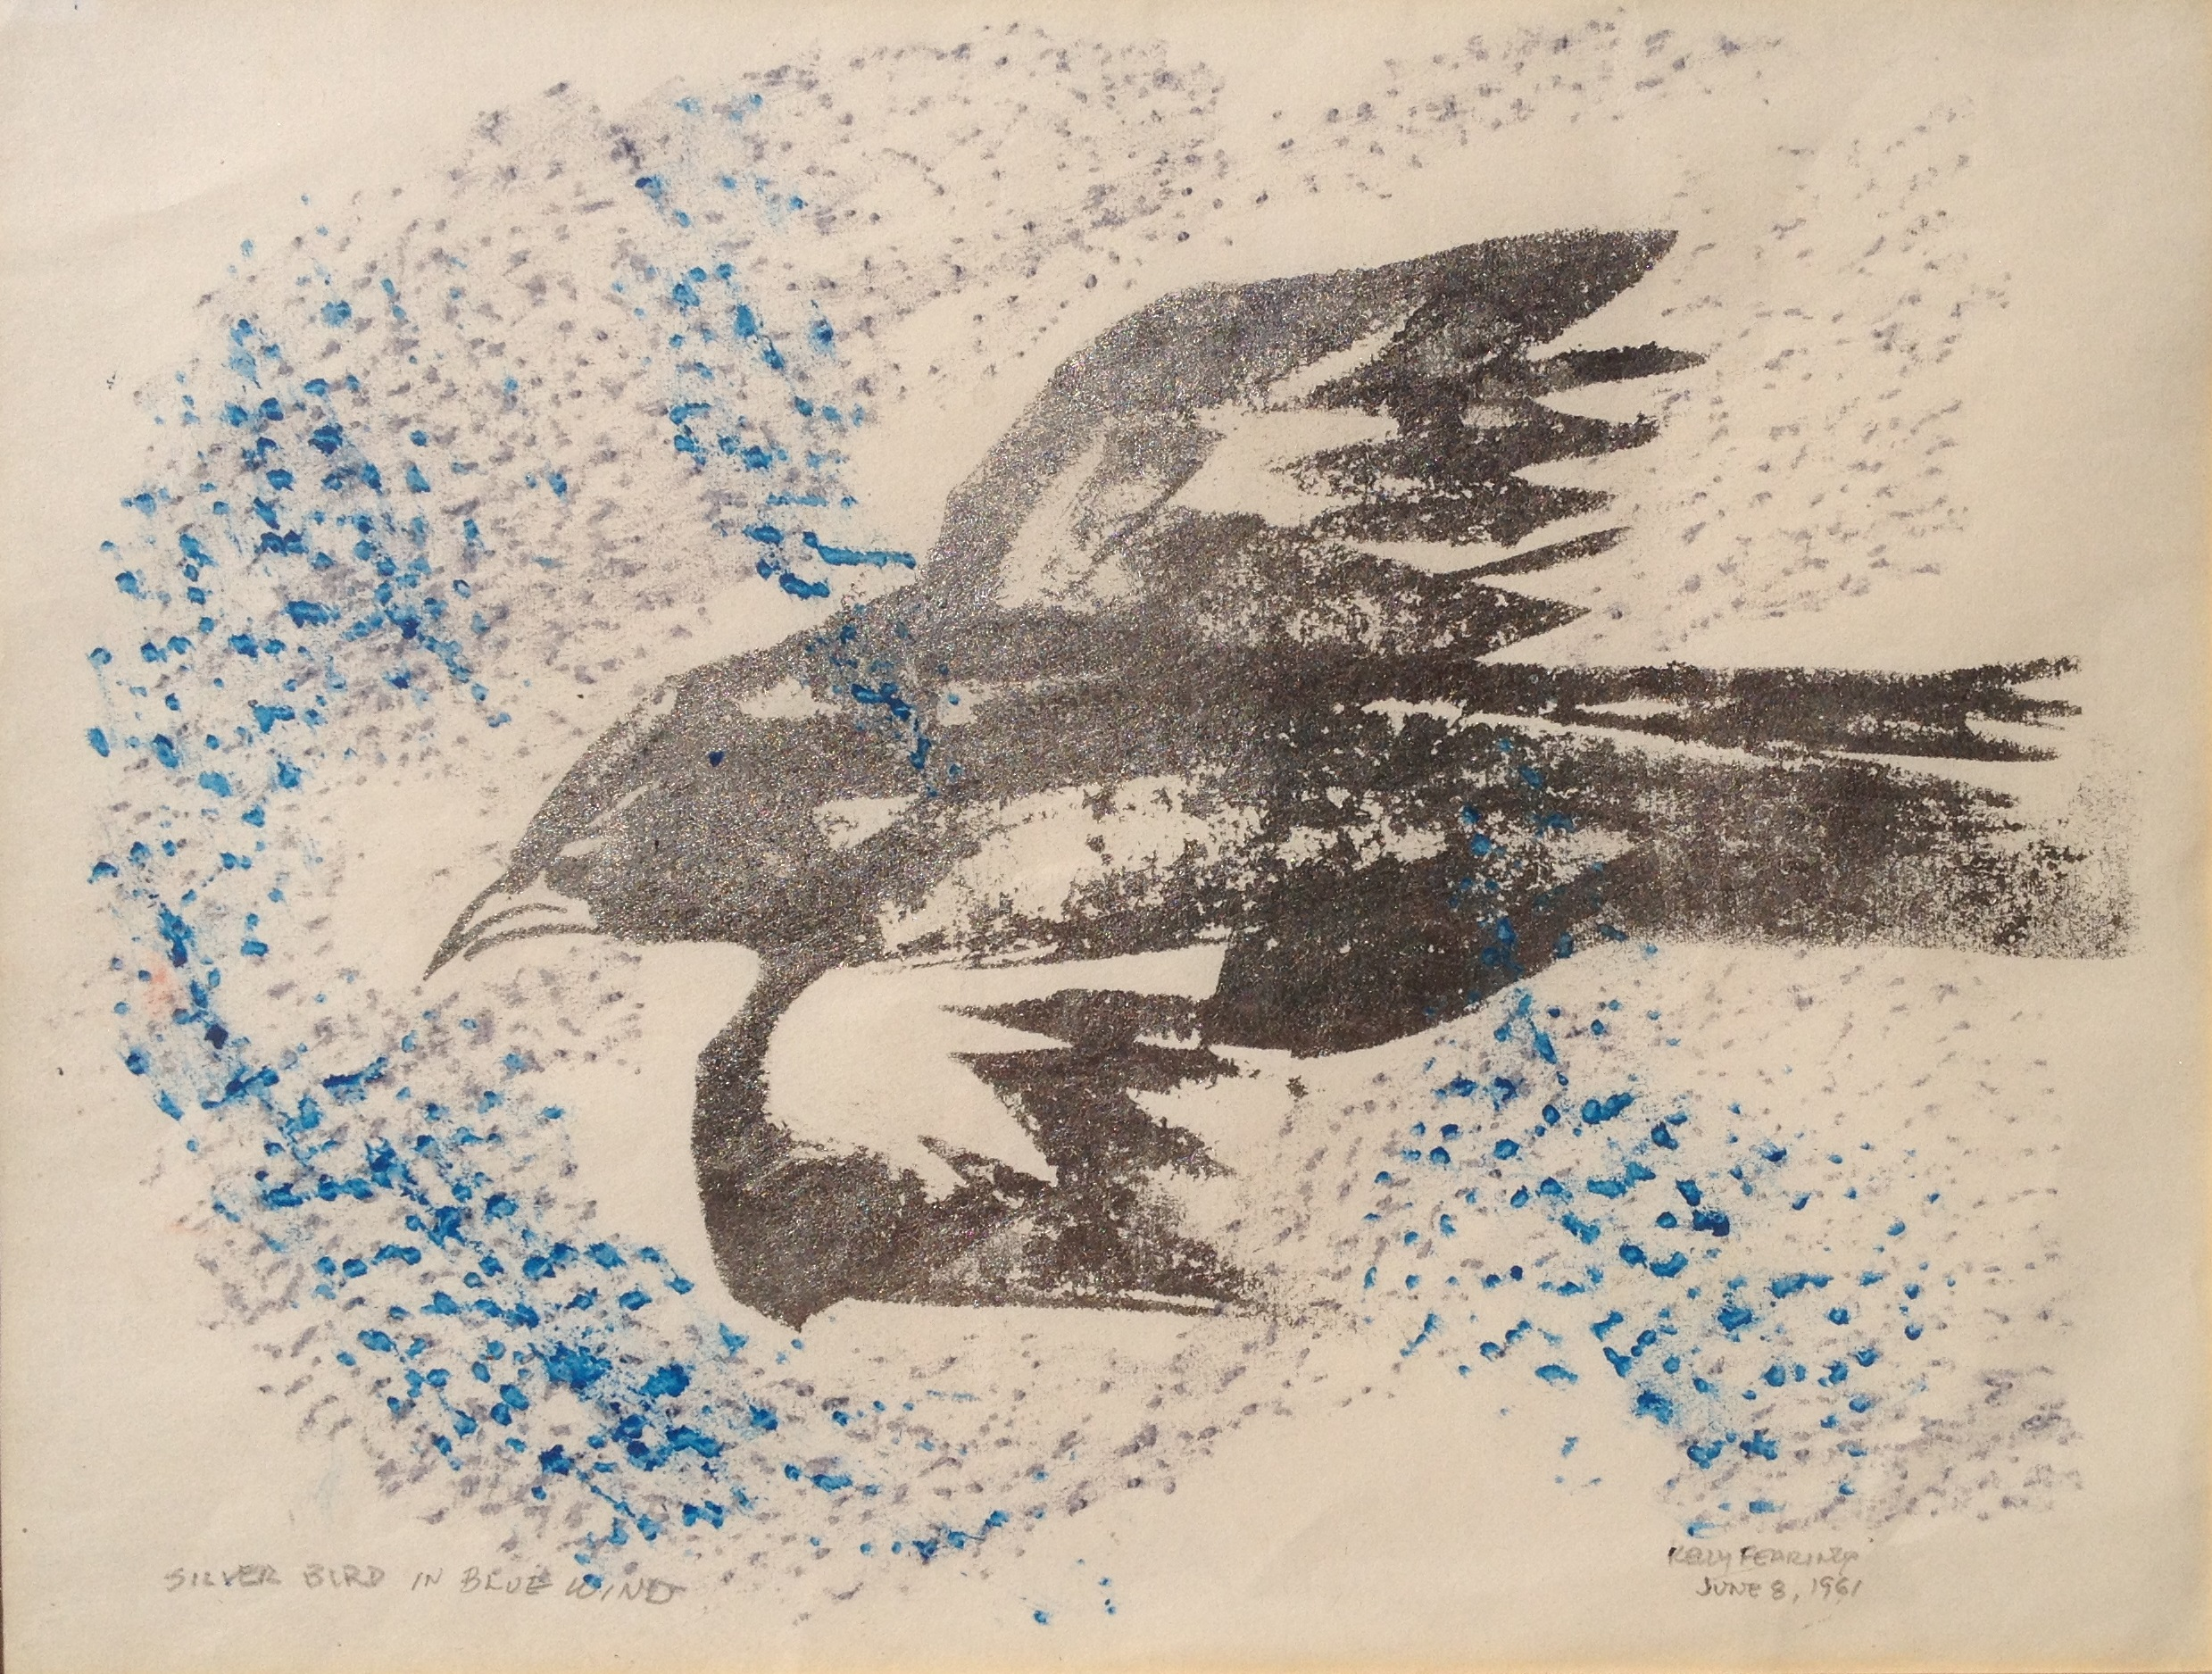 Silver Bird in Blue Wind 1961